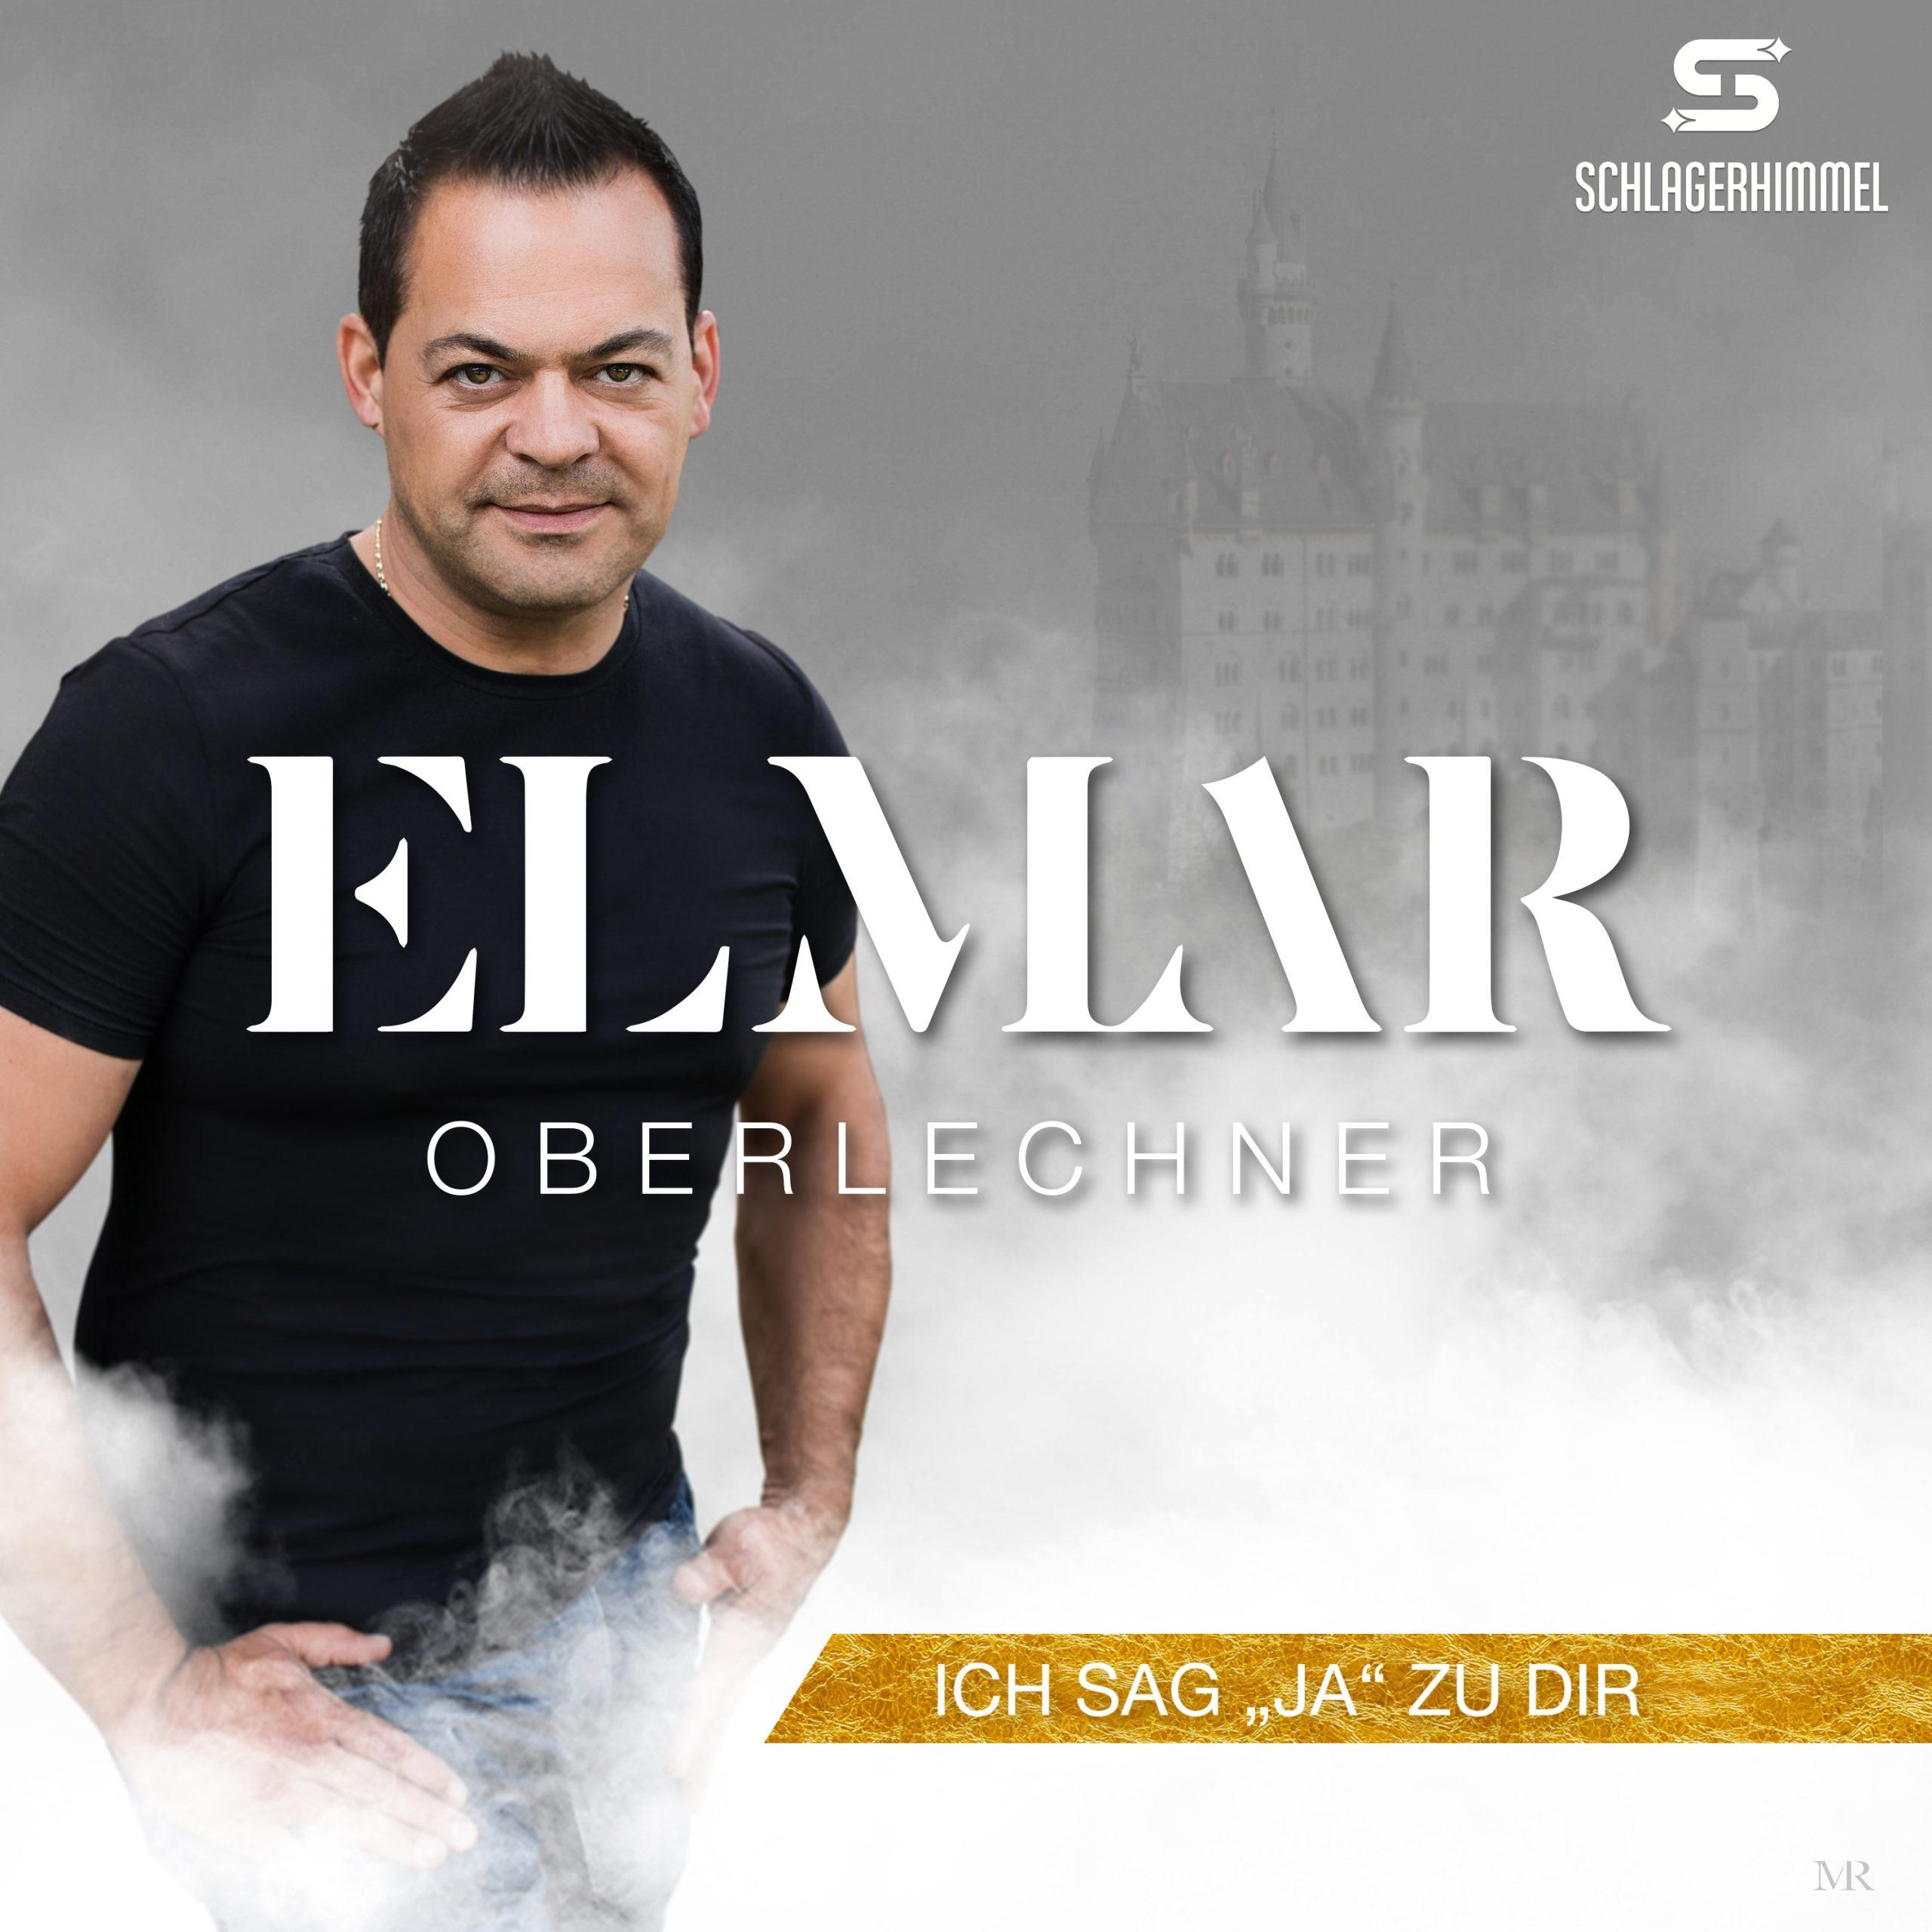 Elmar Oberlechner - Ich sag Ja zu dir - Hannes Marold